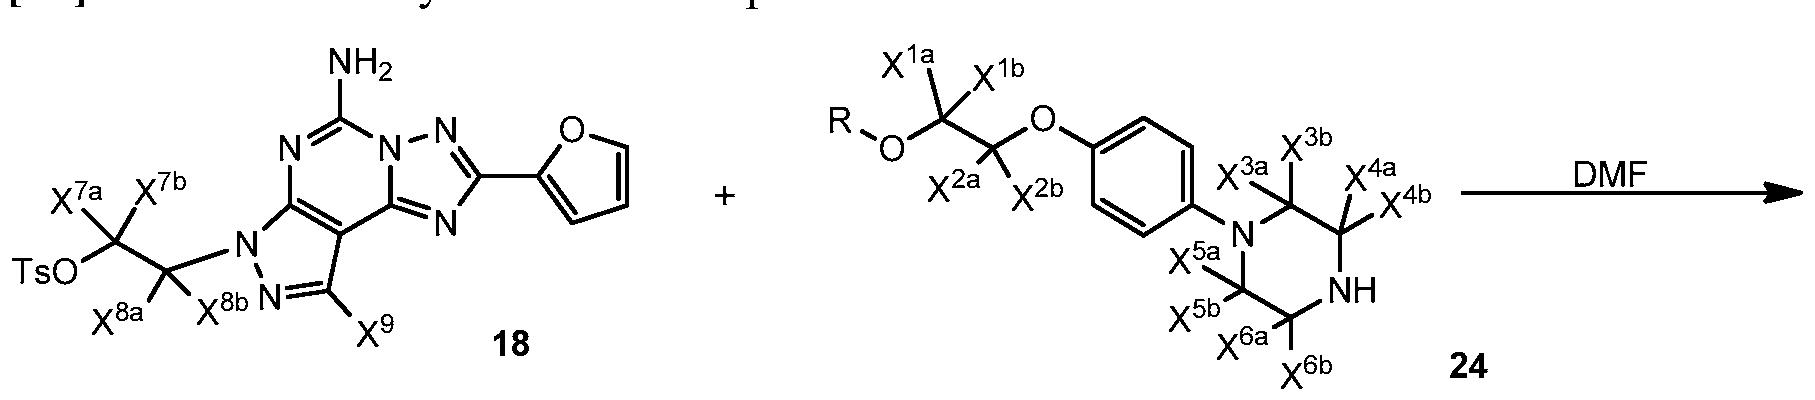 Figure imgf000014_0003